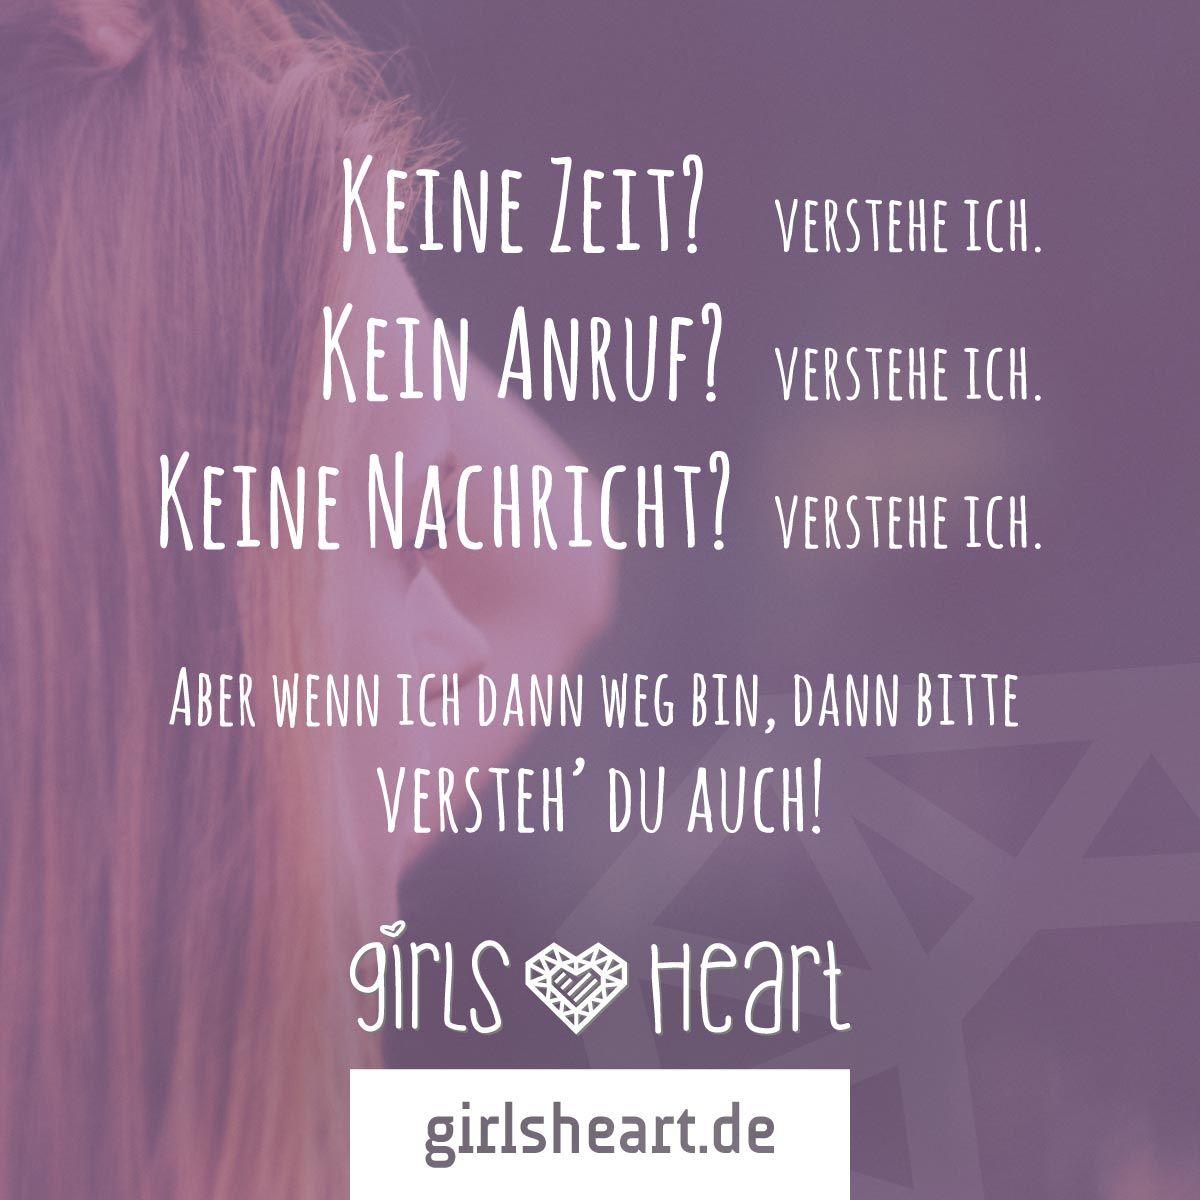 Mehr Sprüche auf: .girlsheart.de #zeit #nachricht #anruf